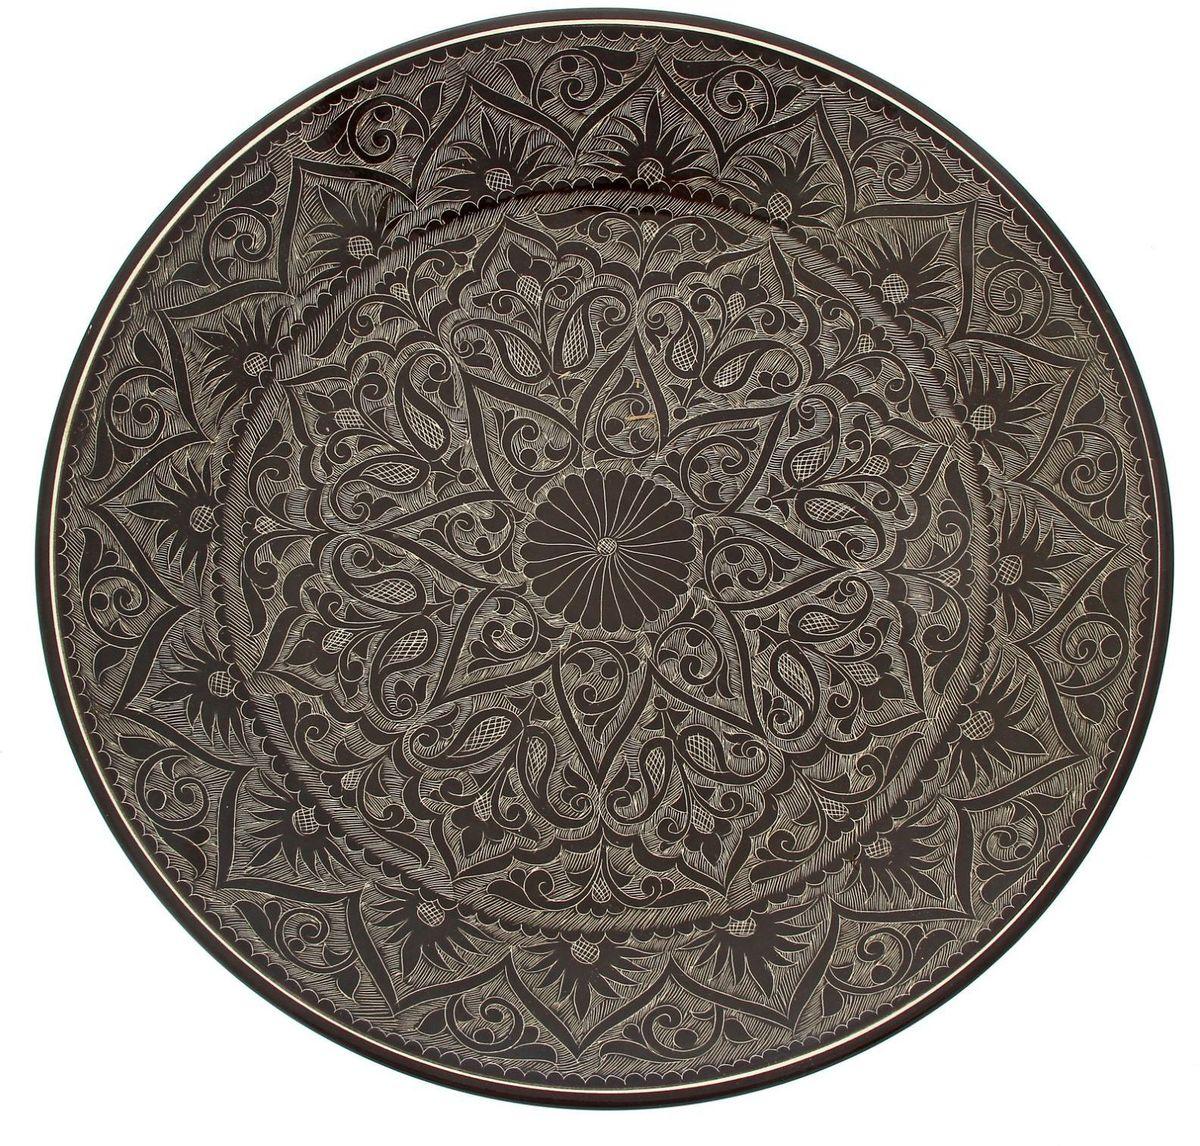 Ляган Риштанская керамика, диаметр 41 см. 19234571923457Ляган Риштанская керамика - это не просто обеденный атрибут, это украшение стола. Посуда с национальной росписью станет отменным подарком для ценителей высокородной посуды.Риштан - город на востоке Узбекистана, один из древнейших в Ферганской долине. С давних времен Риштан славится своим гончарным искусством изготовления цветной керамики. Красноватую глину для изделия добывают в самом городе. Мастера утверждают, что их глина настолько высокого качества, что даже не нуждается в предварительной обработке. Дополните коллекцию кухонных аксессуаров пряными восточными нотами!